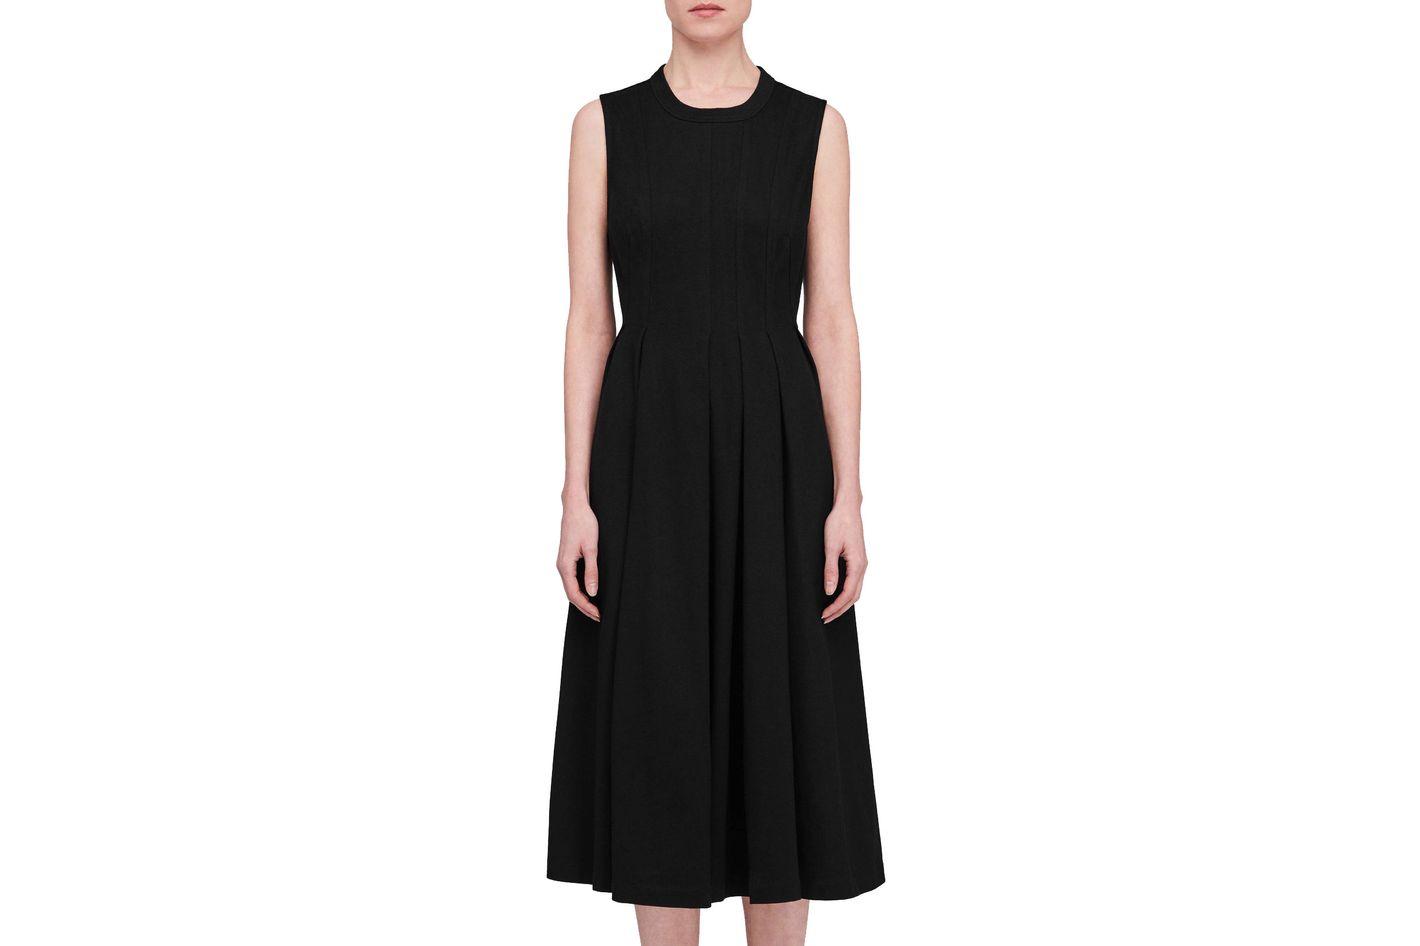 T by Alexander Wang Stiff Cotton Jersey Sleeveless Seamed Peplum Dress